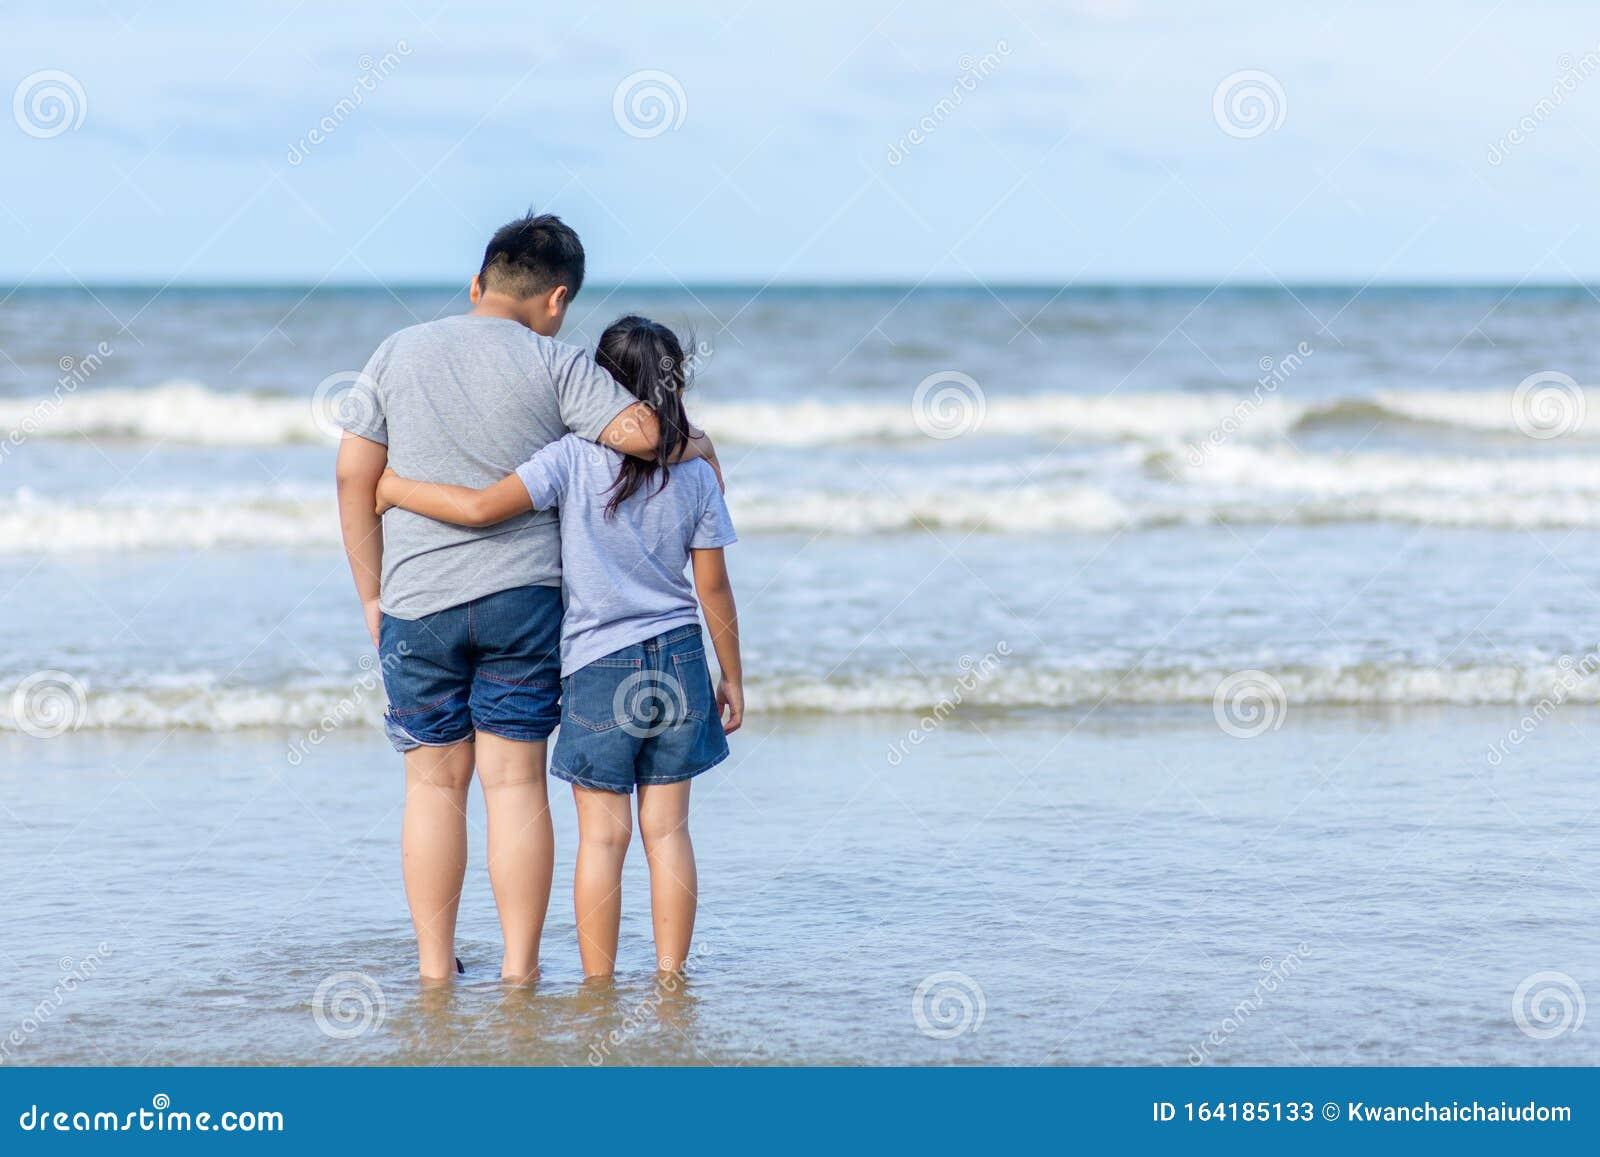 zwei kinder, die am strand spazieren, im urlaub fahren